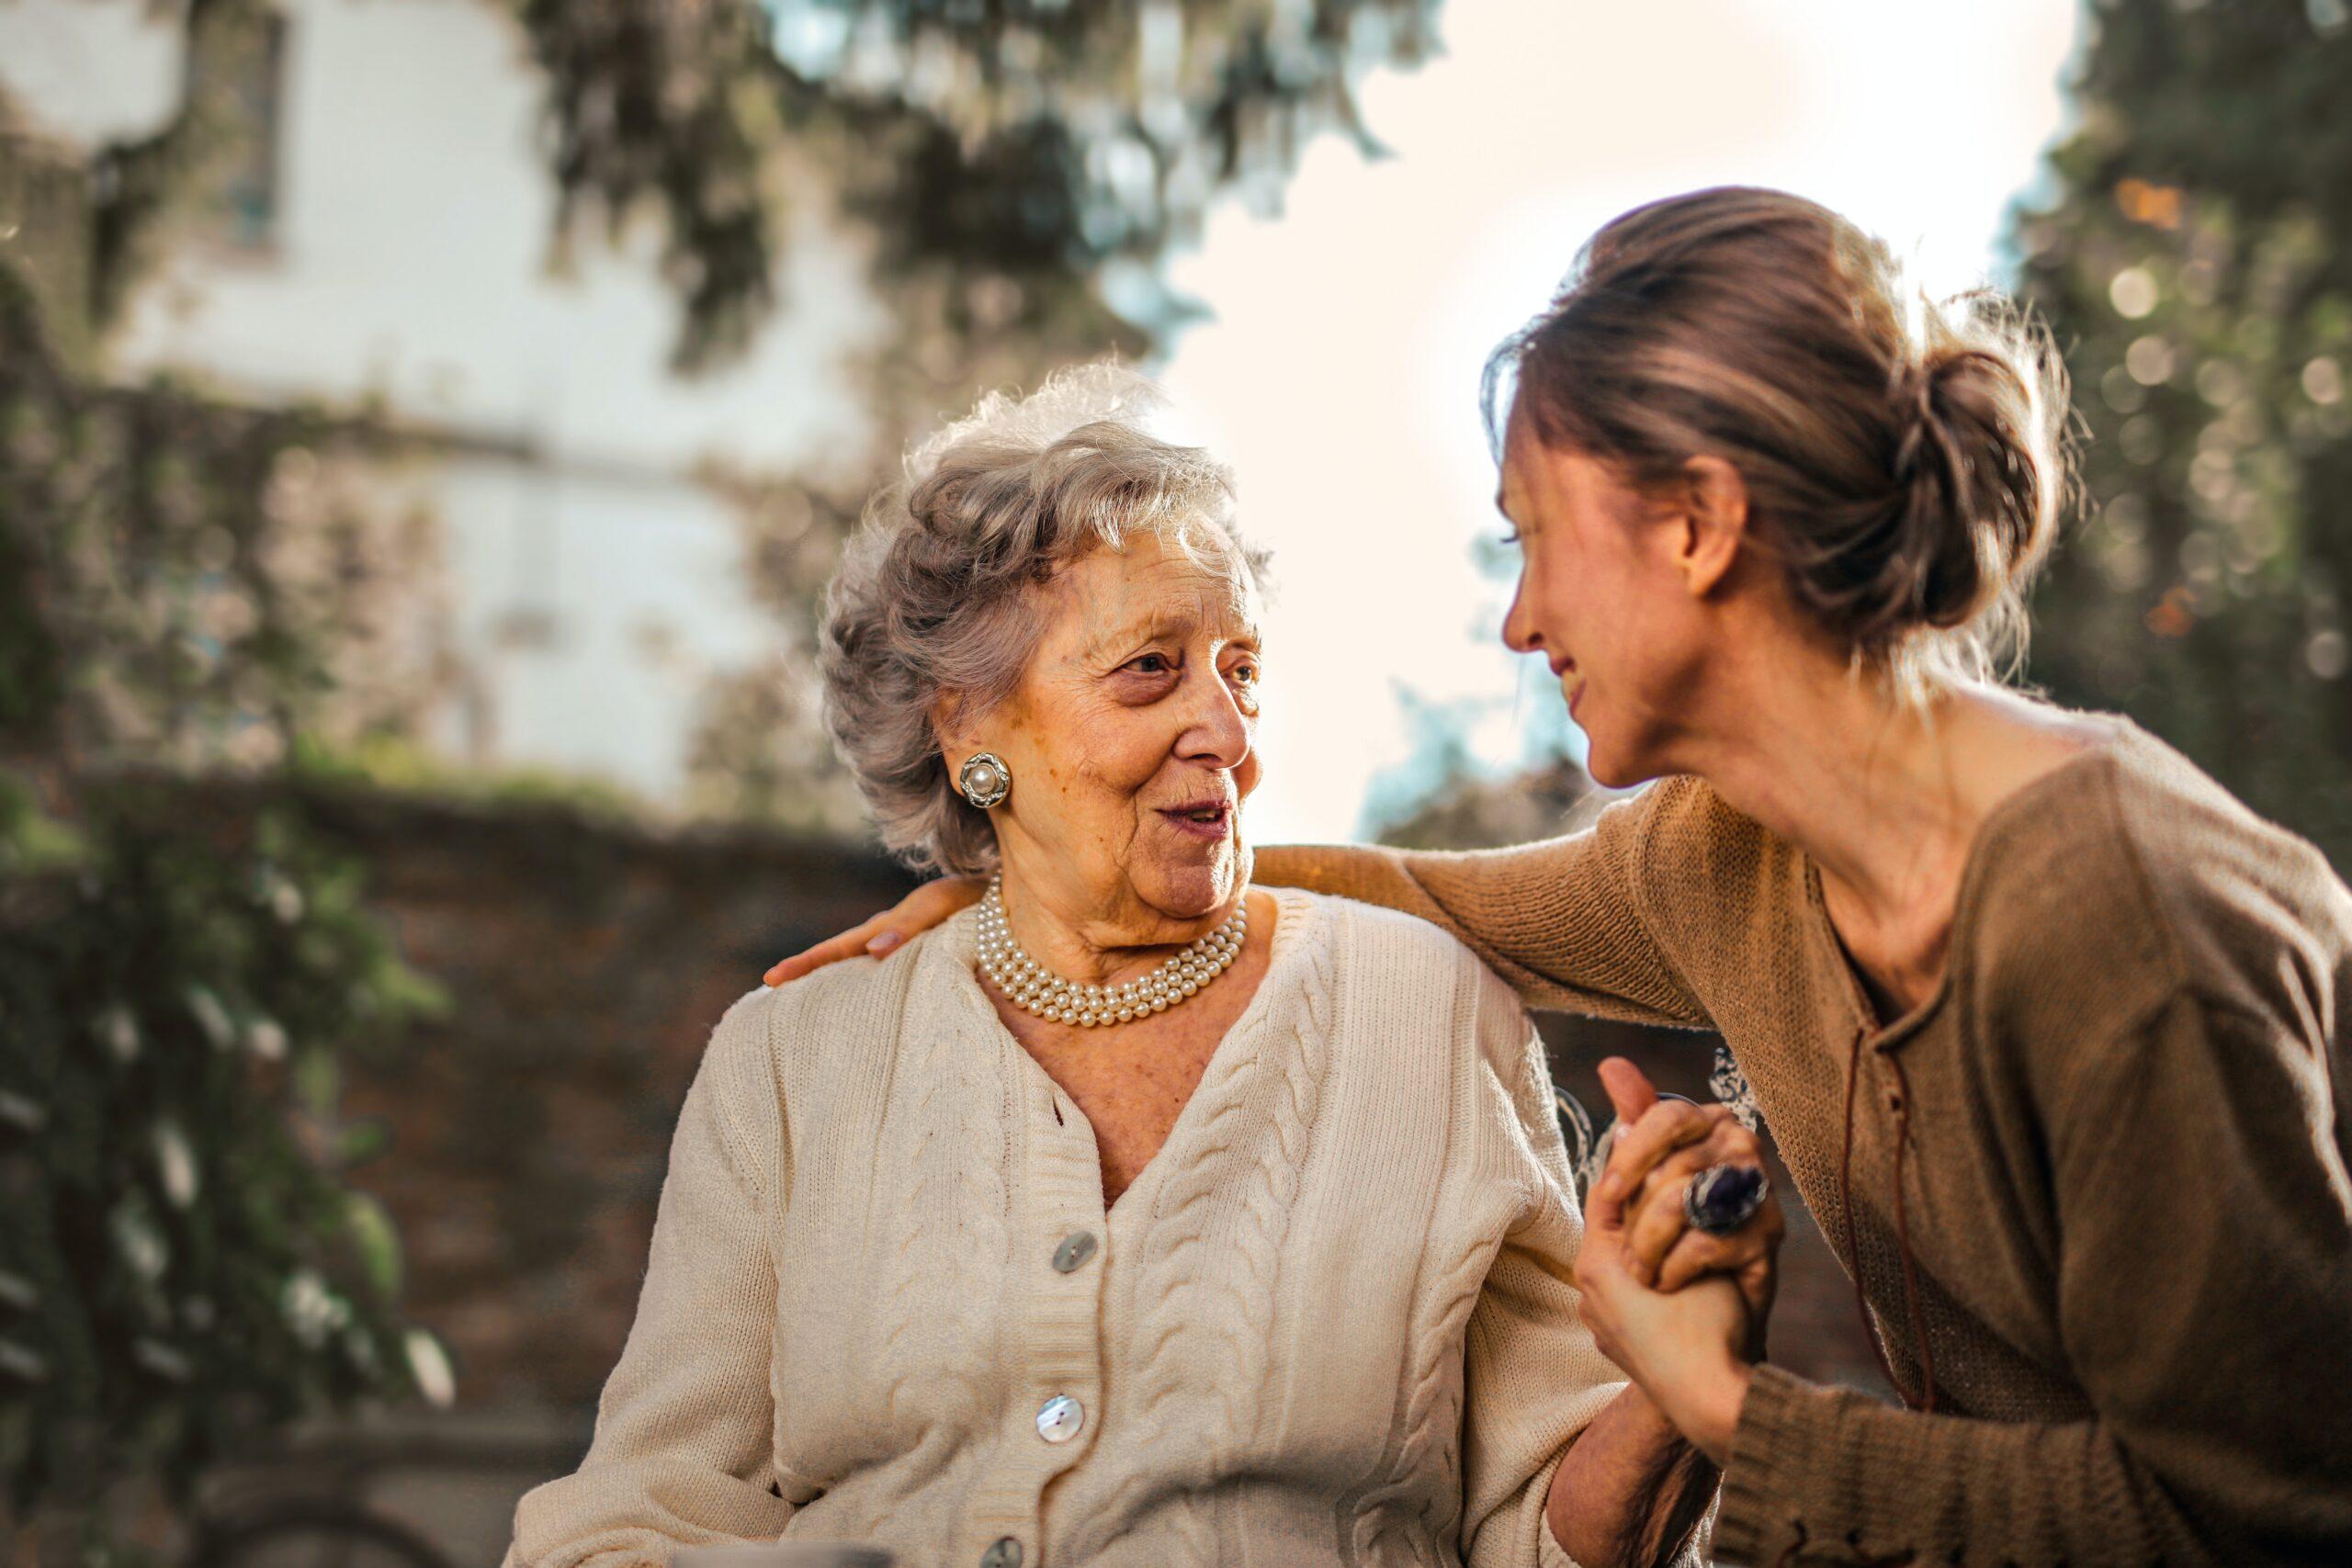 Deterioro cognitivo leve: detección y algunas claves para la intervención